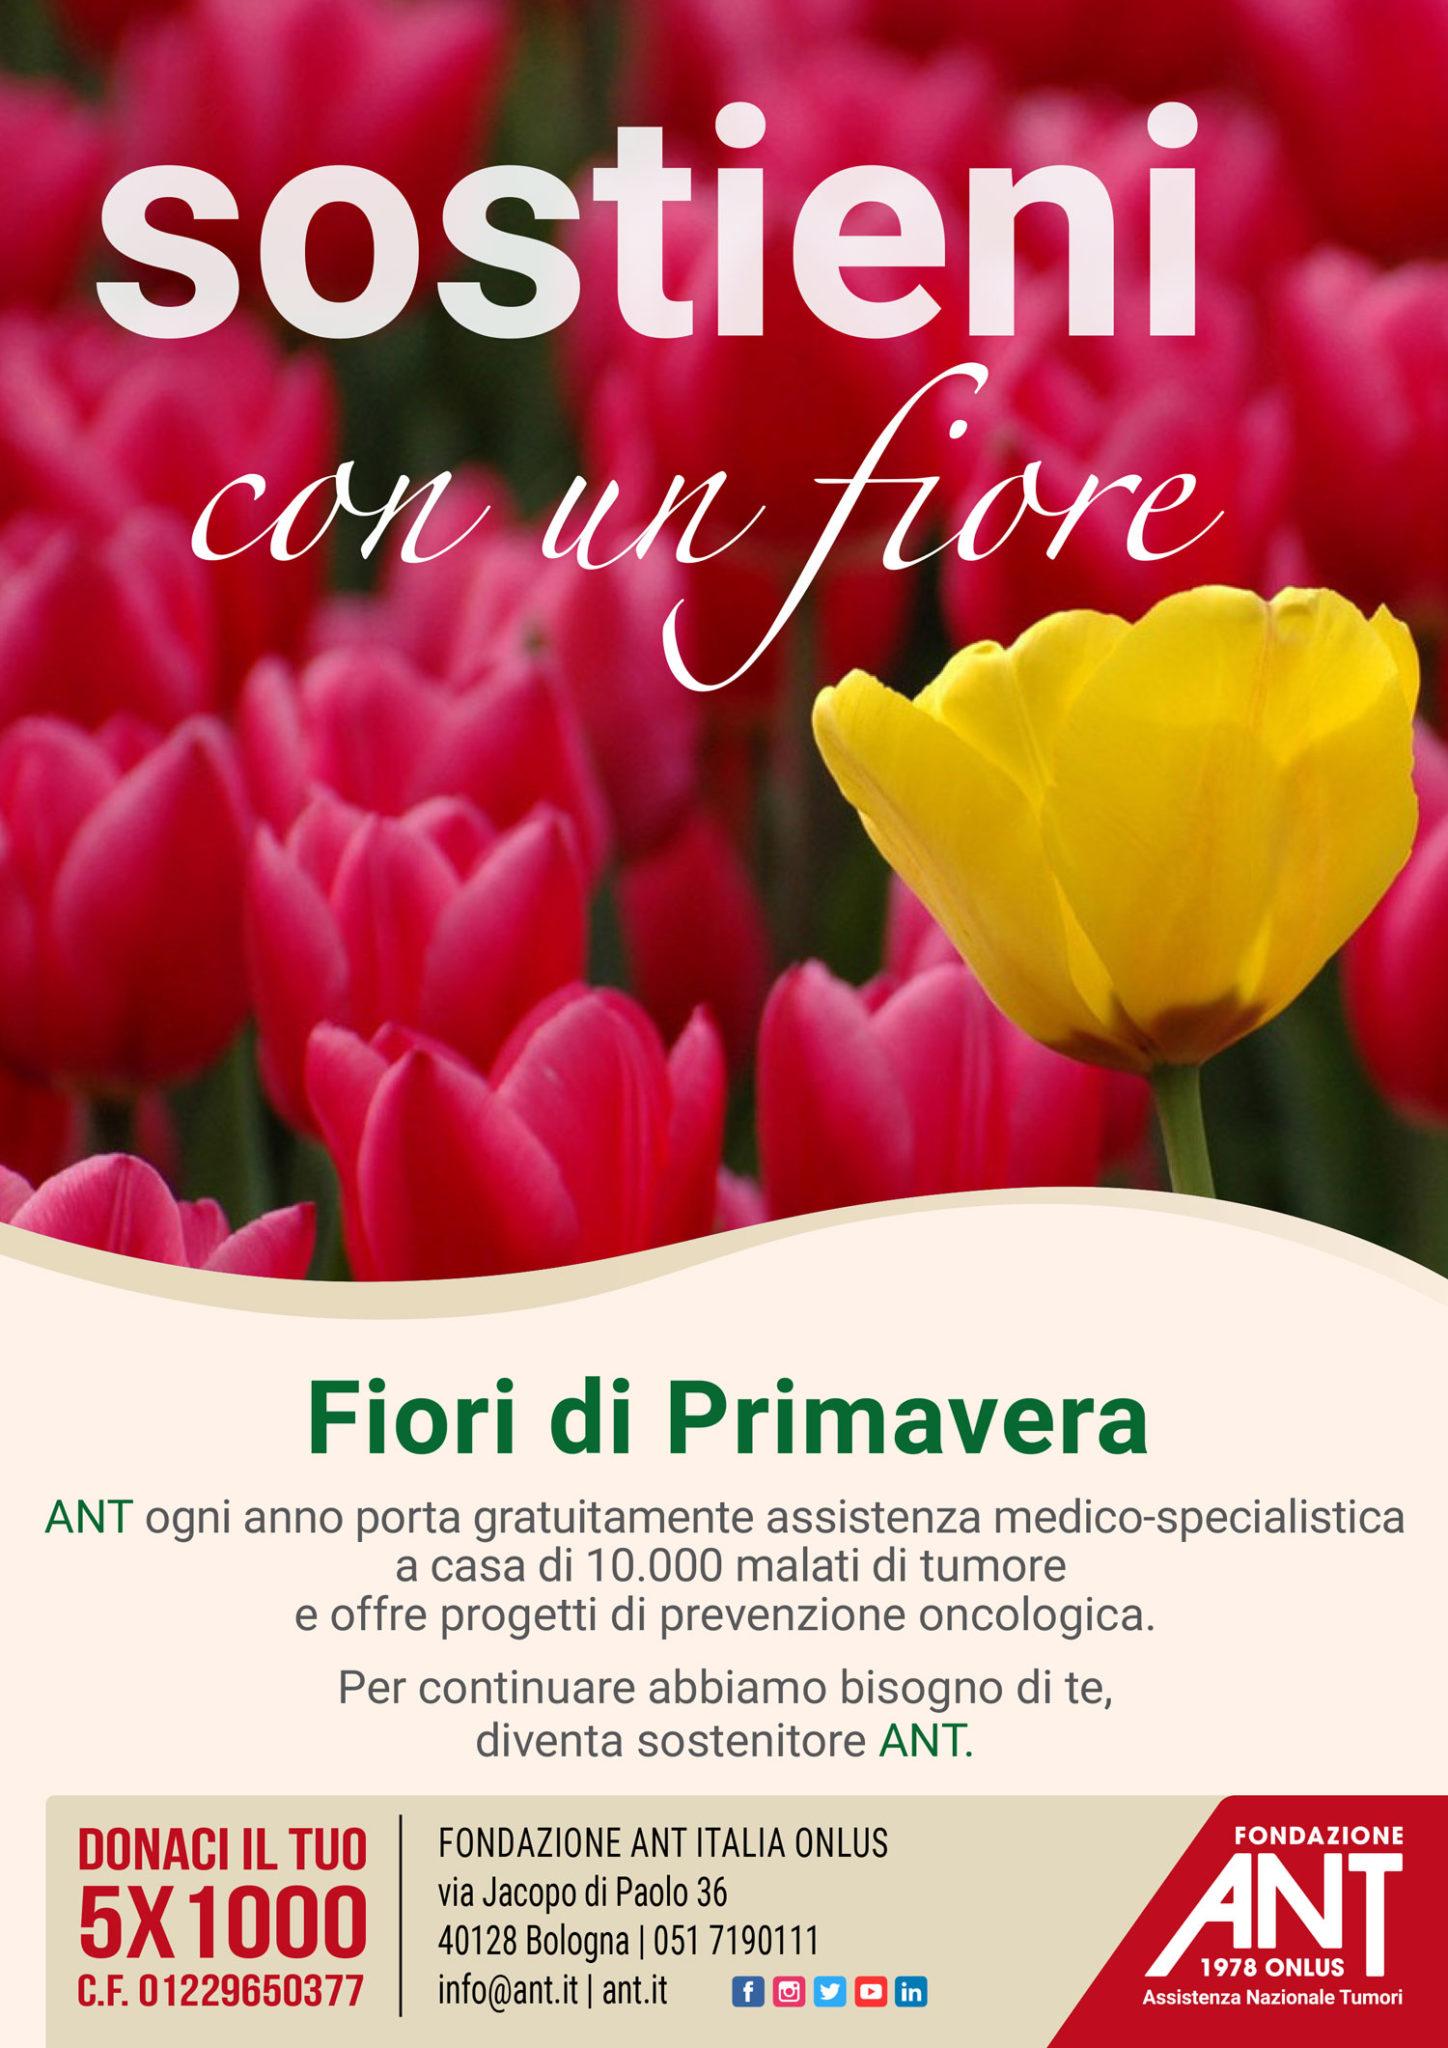 Fiori Con La F.Fiori Di Primavera Ant Fondazione Ant Italia Onlus